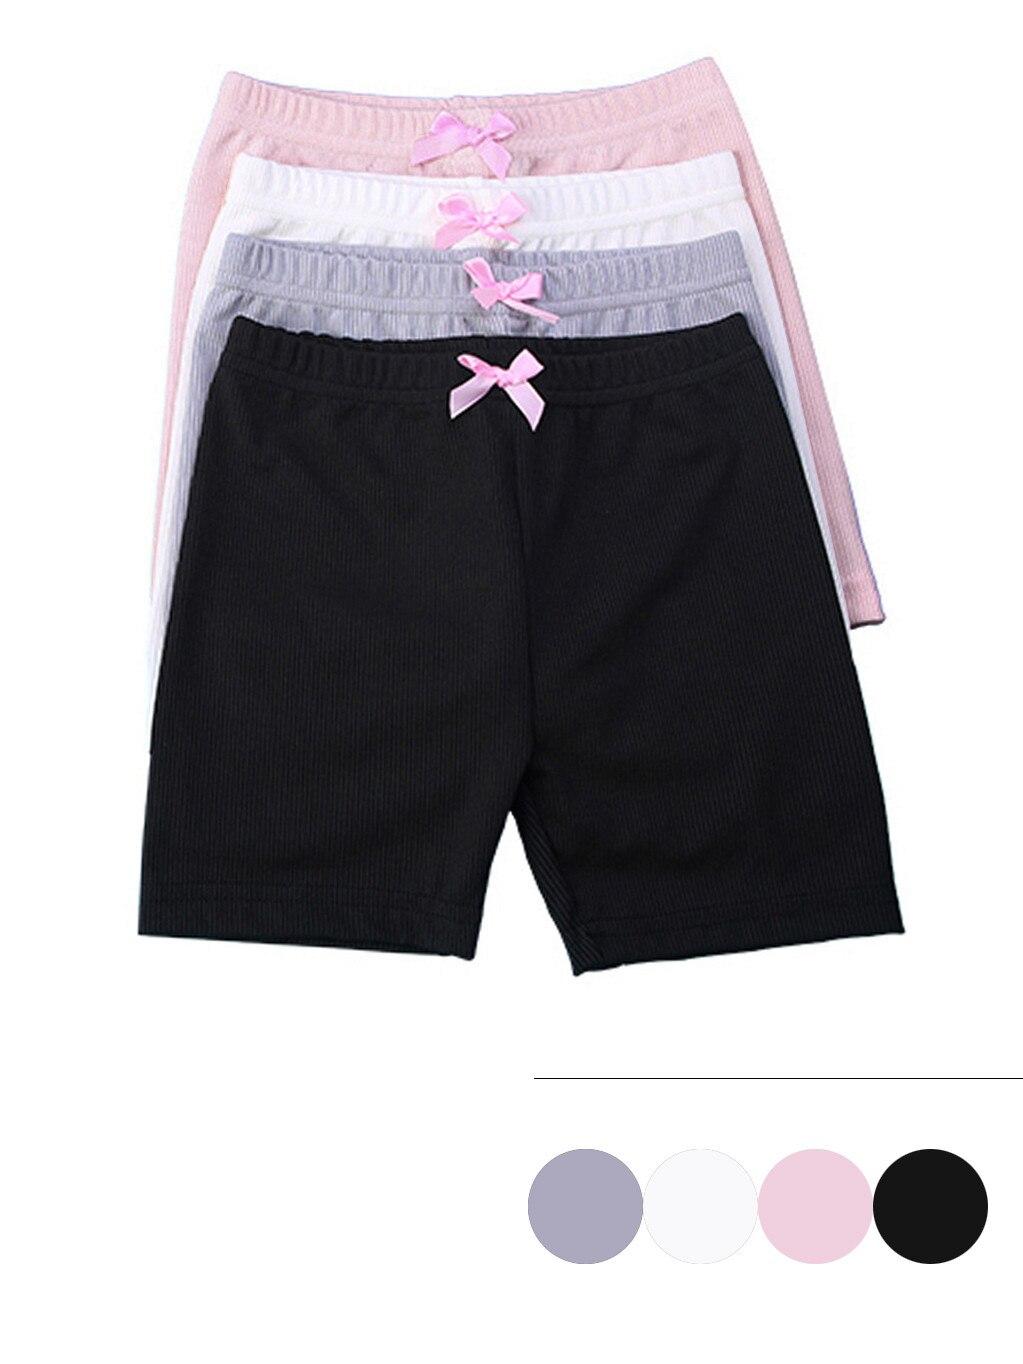 Хлопковые спортивные шорты с эластичным поясом для малышей, 4 шт.